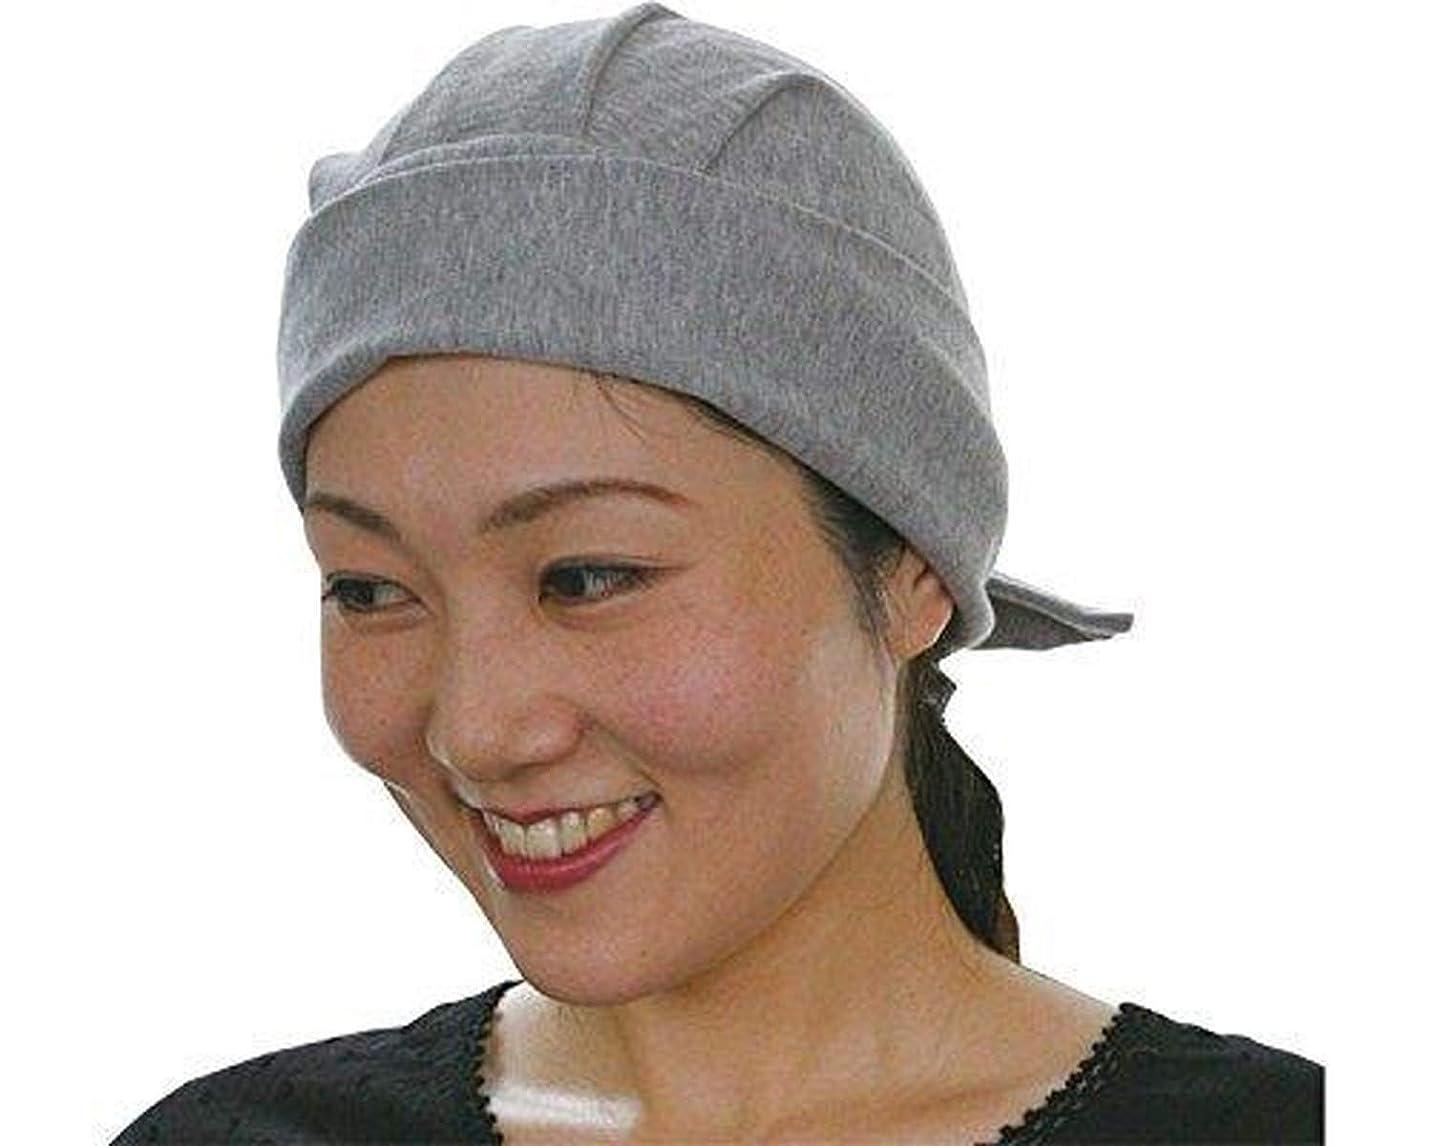 akko「バンダナ帽」かるふわ (男女兼用) グレイ